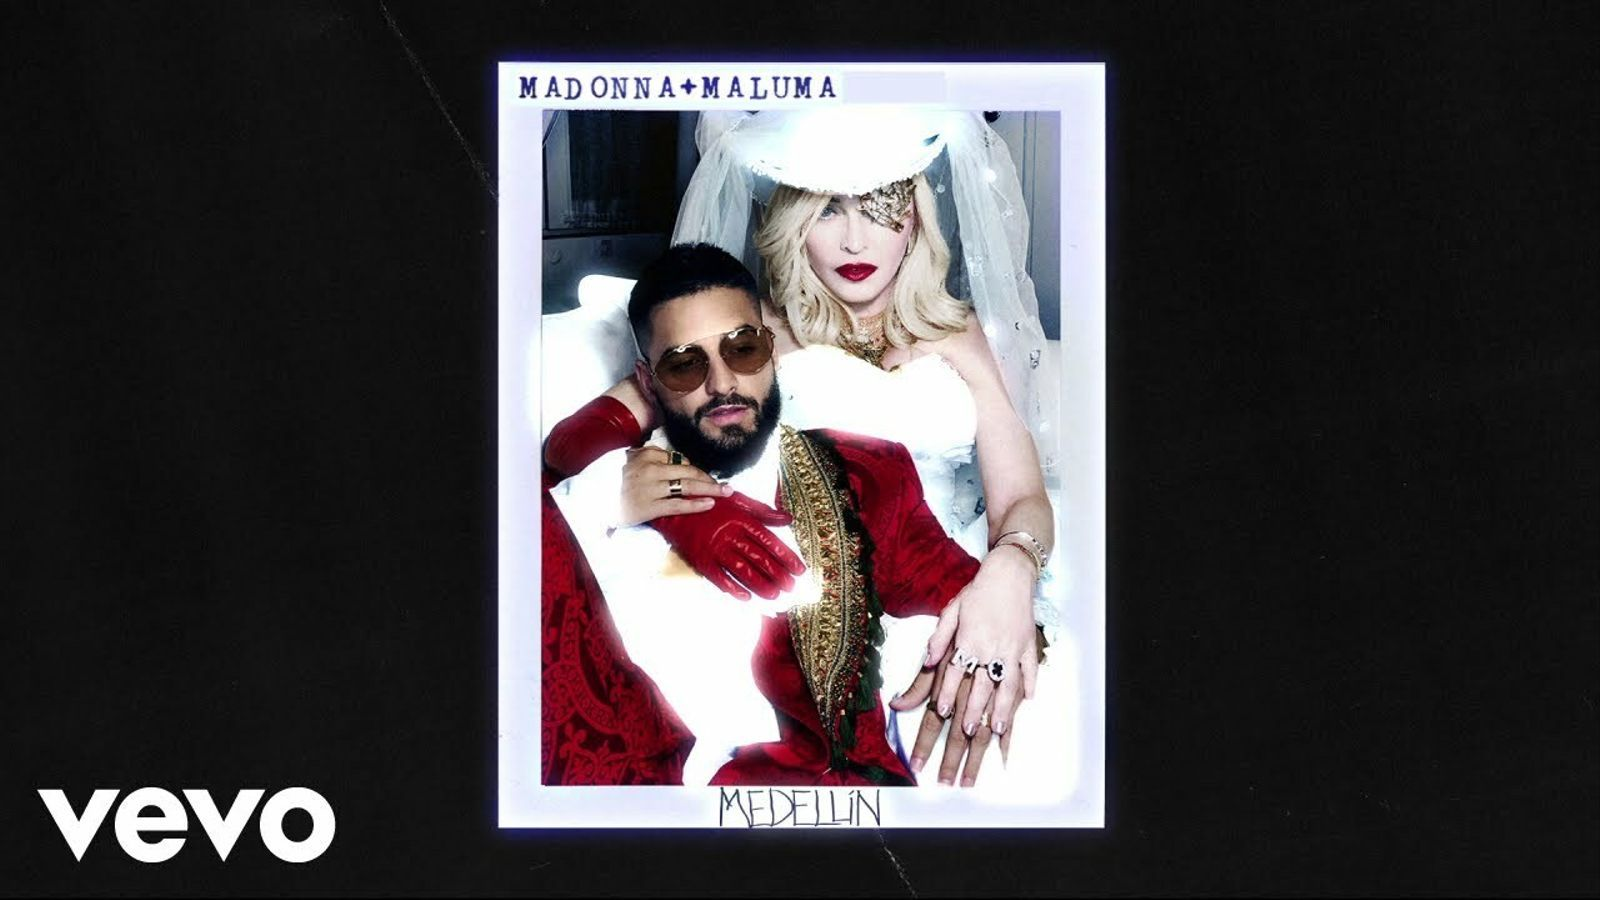 'Medellín', de Madonna i Maluma